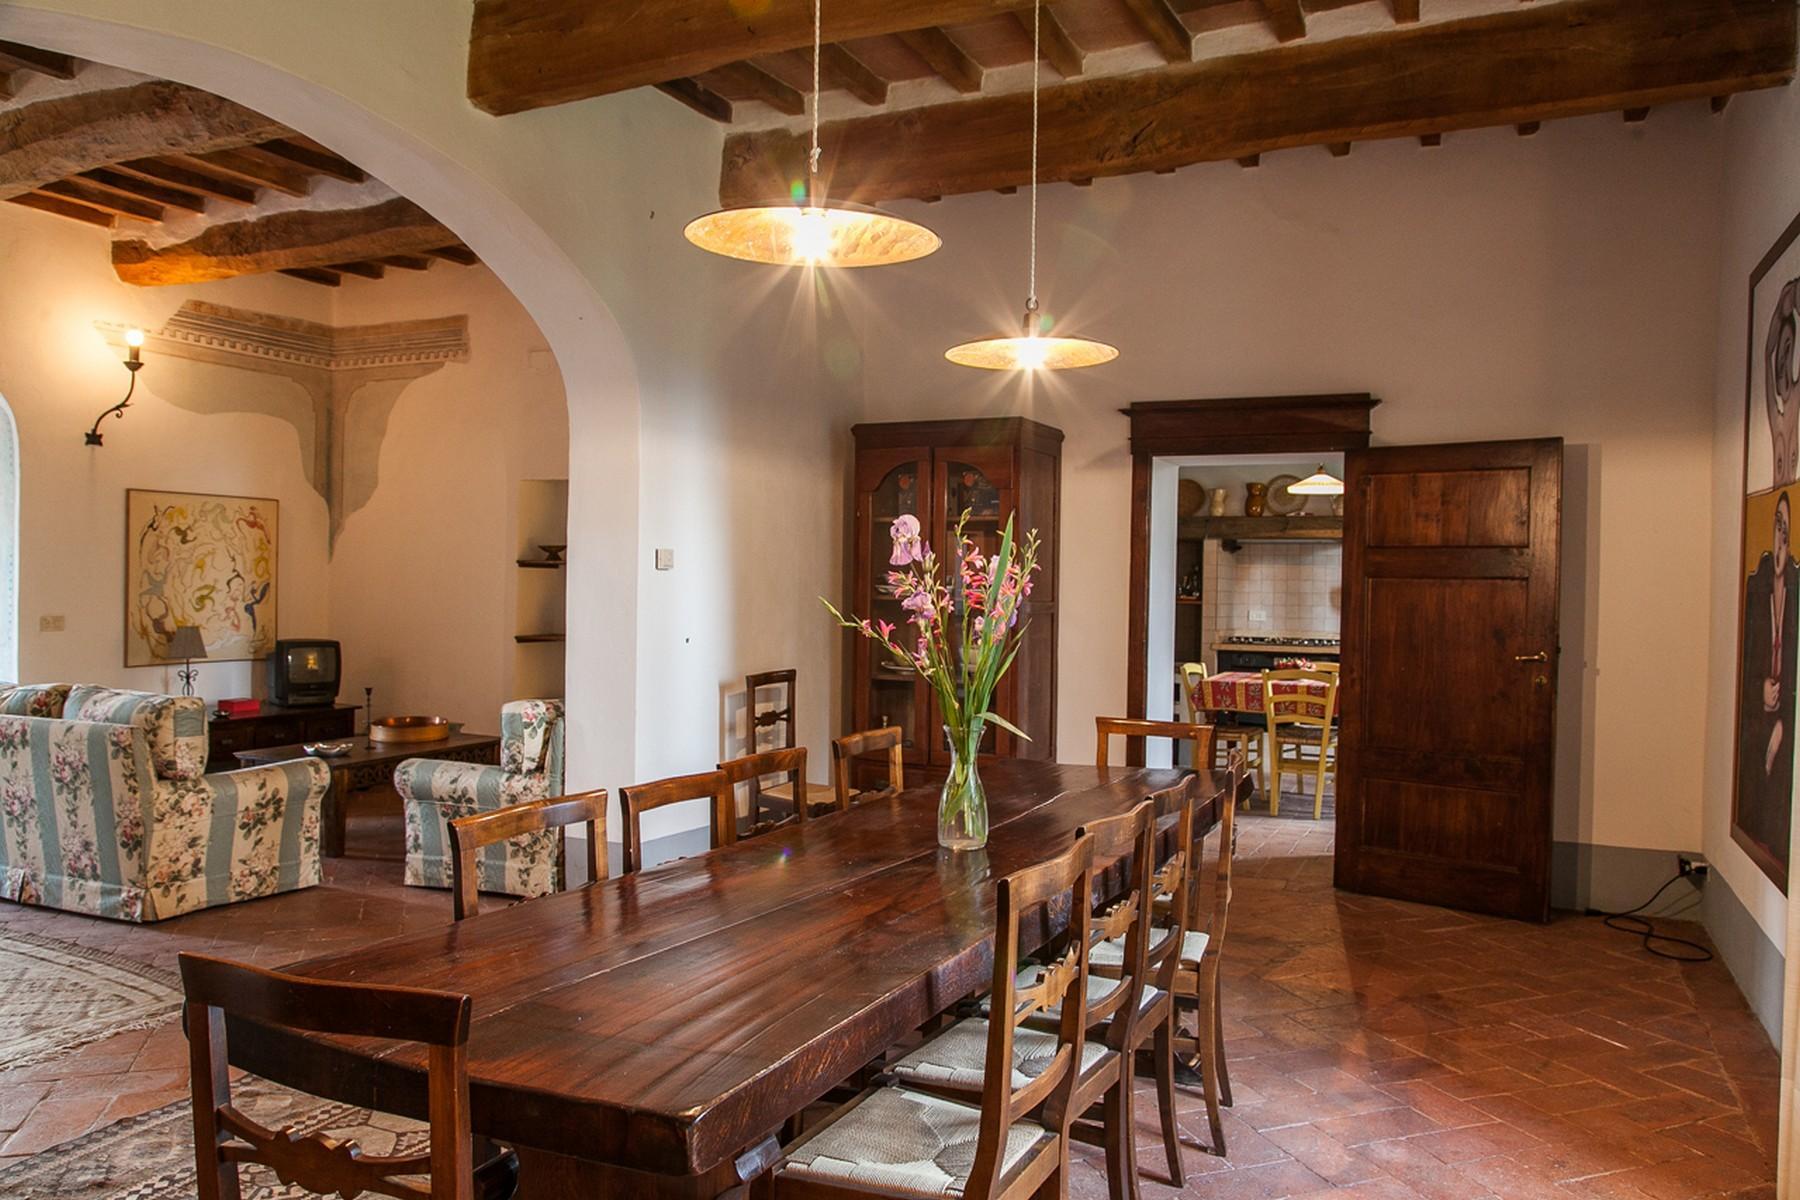 来自16世纪锡耶纳乡村优雅而古典的农舍 - 14